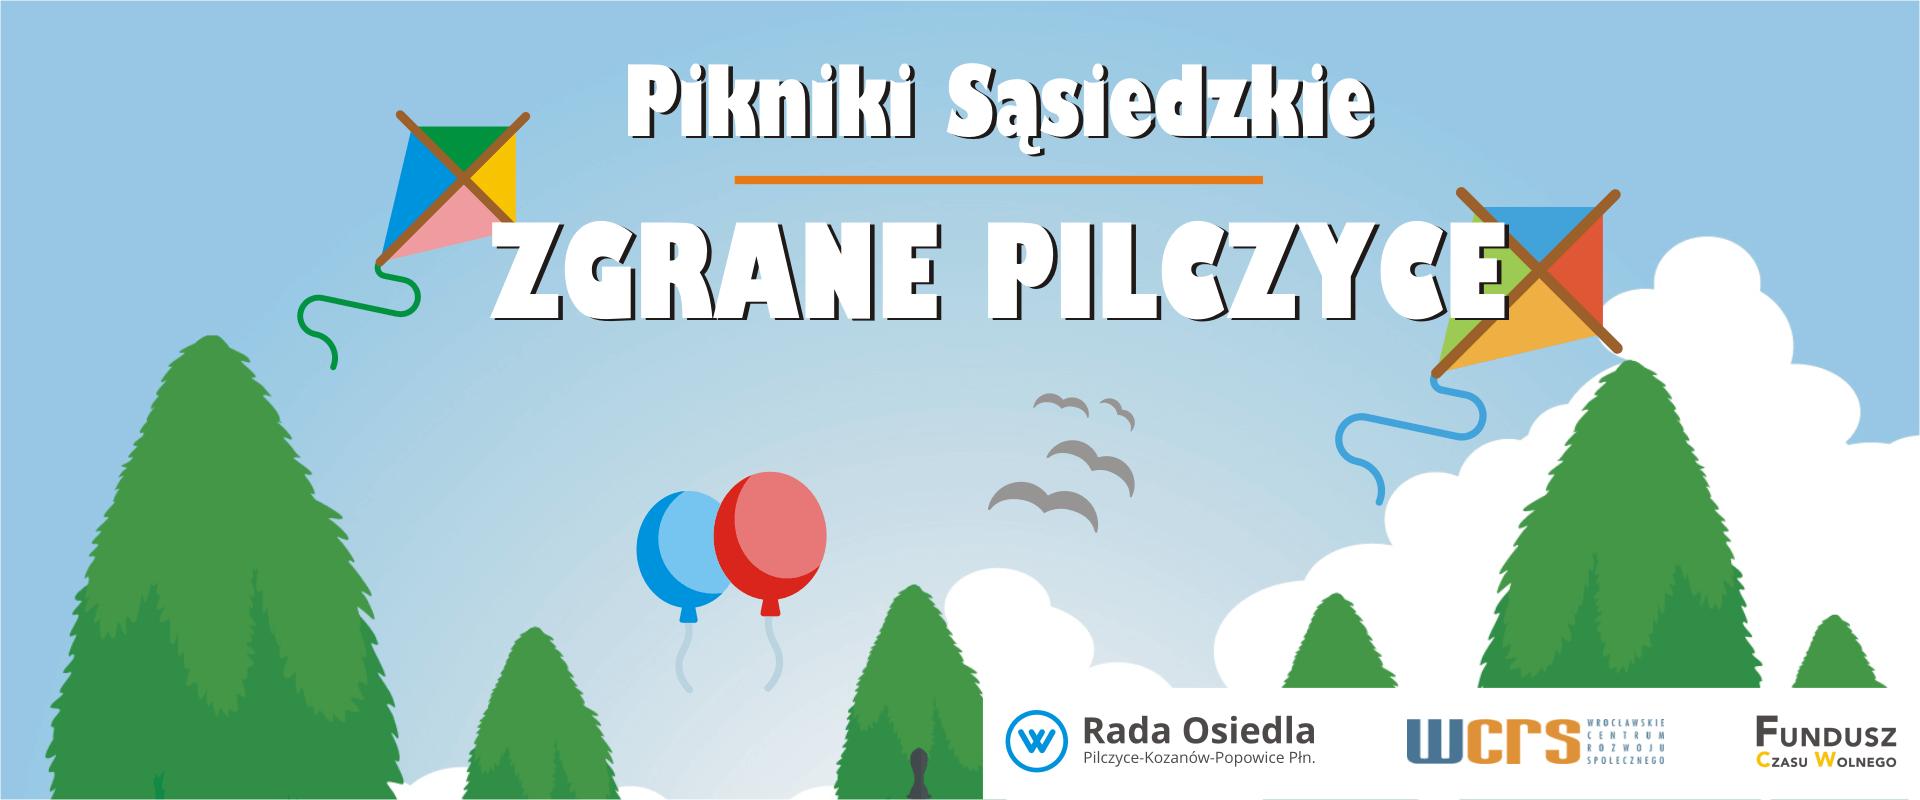 Zgrane Pilczyce, spotkania sąsiedzkie – Fundusz Czasu Wolnego